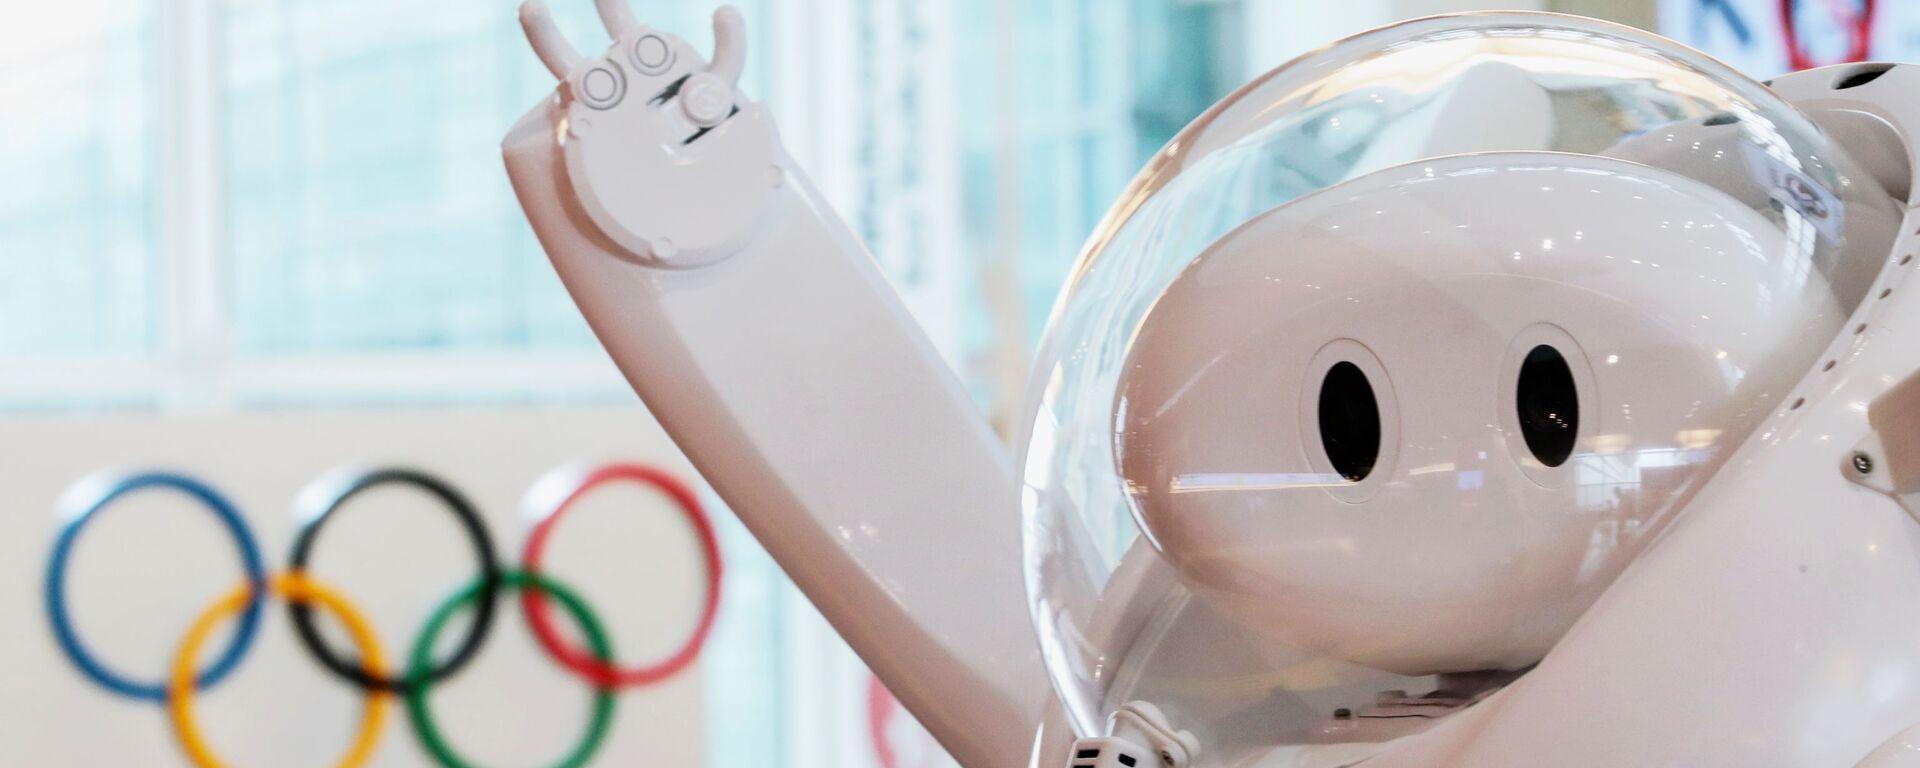 Робот у информационной стойки в аэропорту Haneda  - Sputnik Italia, 1920, 08.08.2021